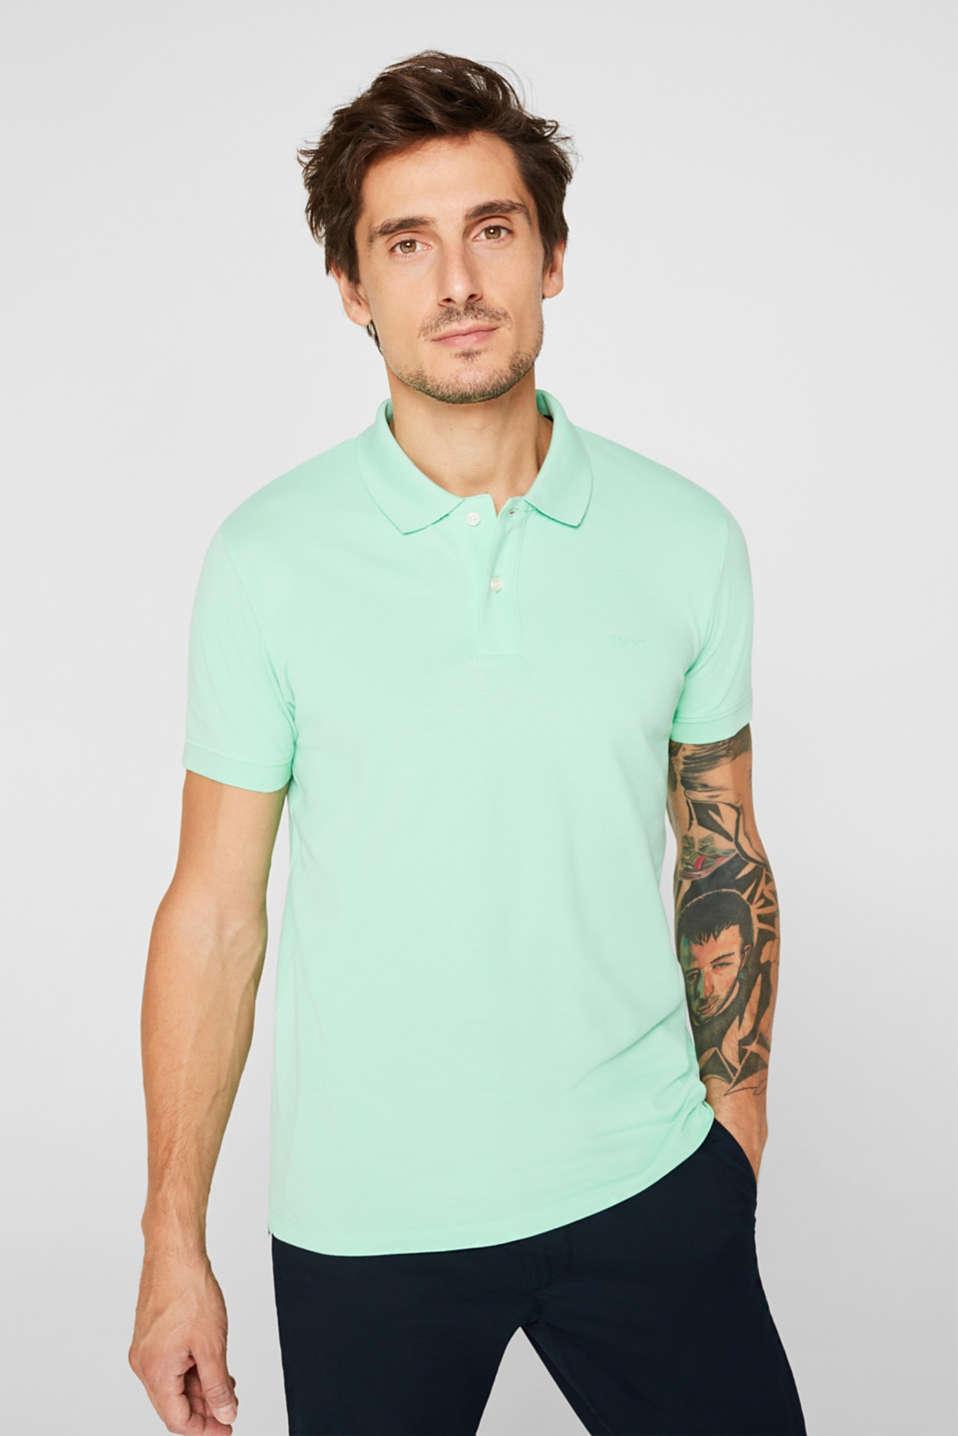 Esprit Koszulka polo z piki, 100% bawełny w naszym sklepie